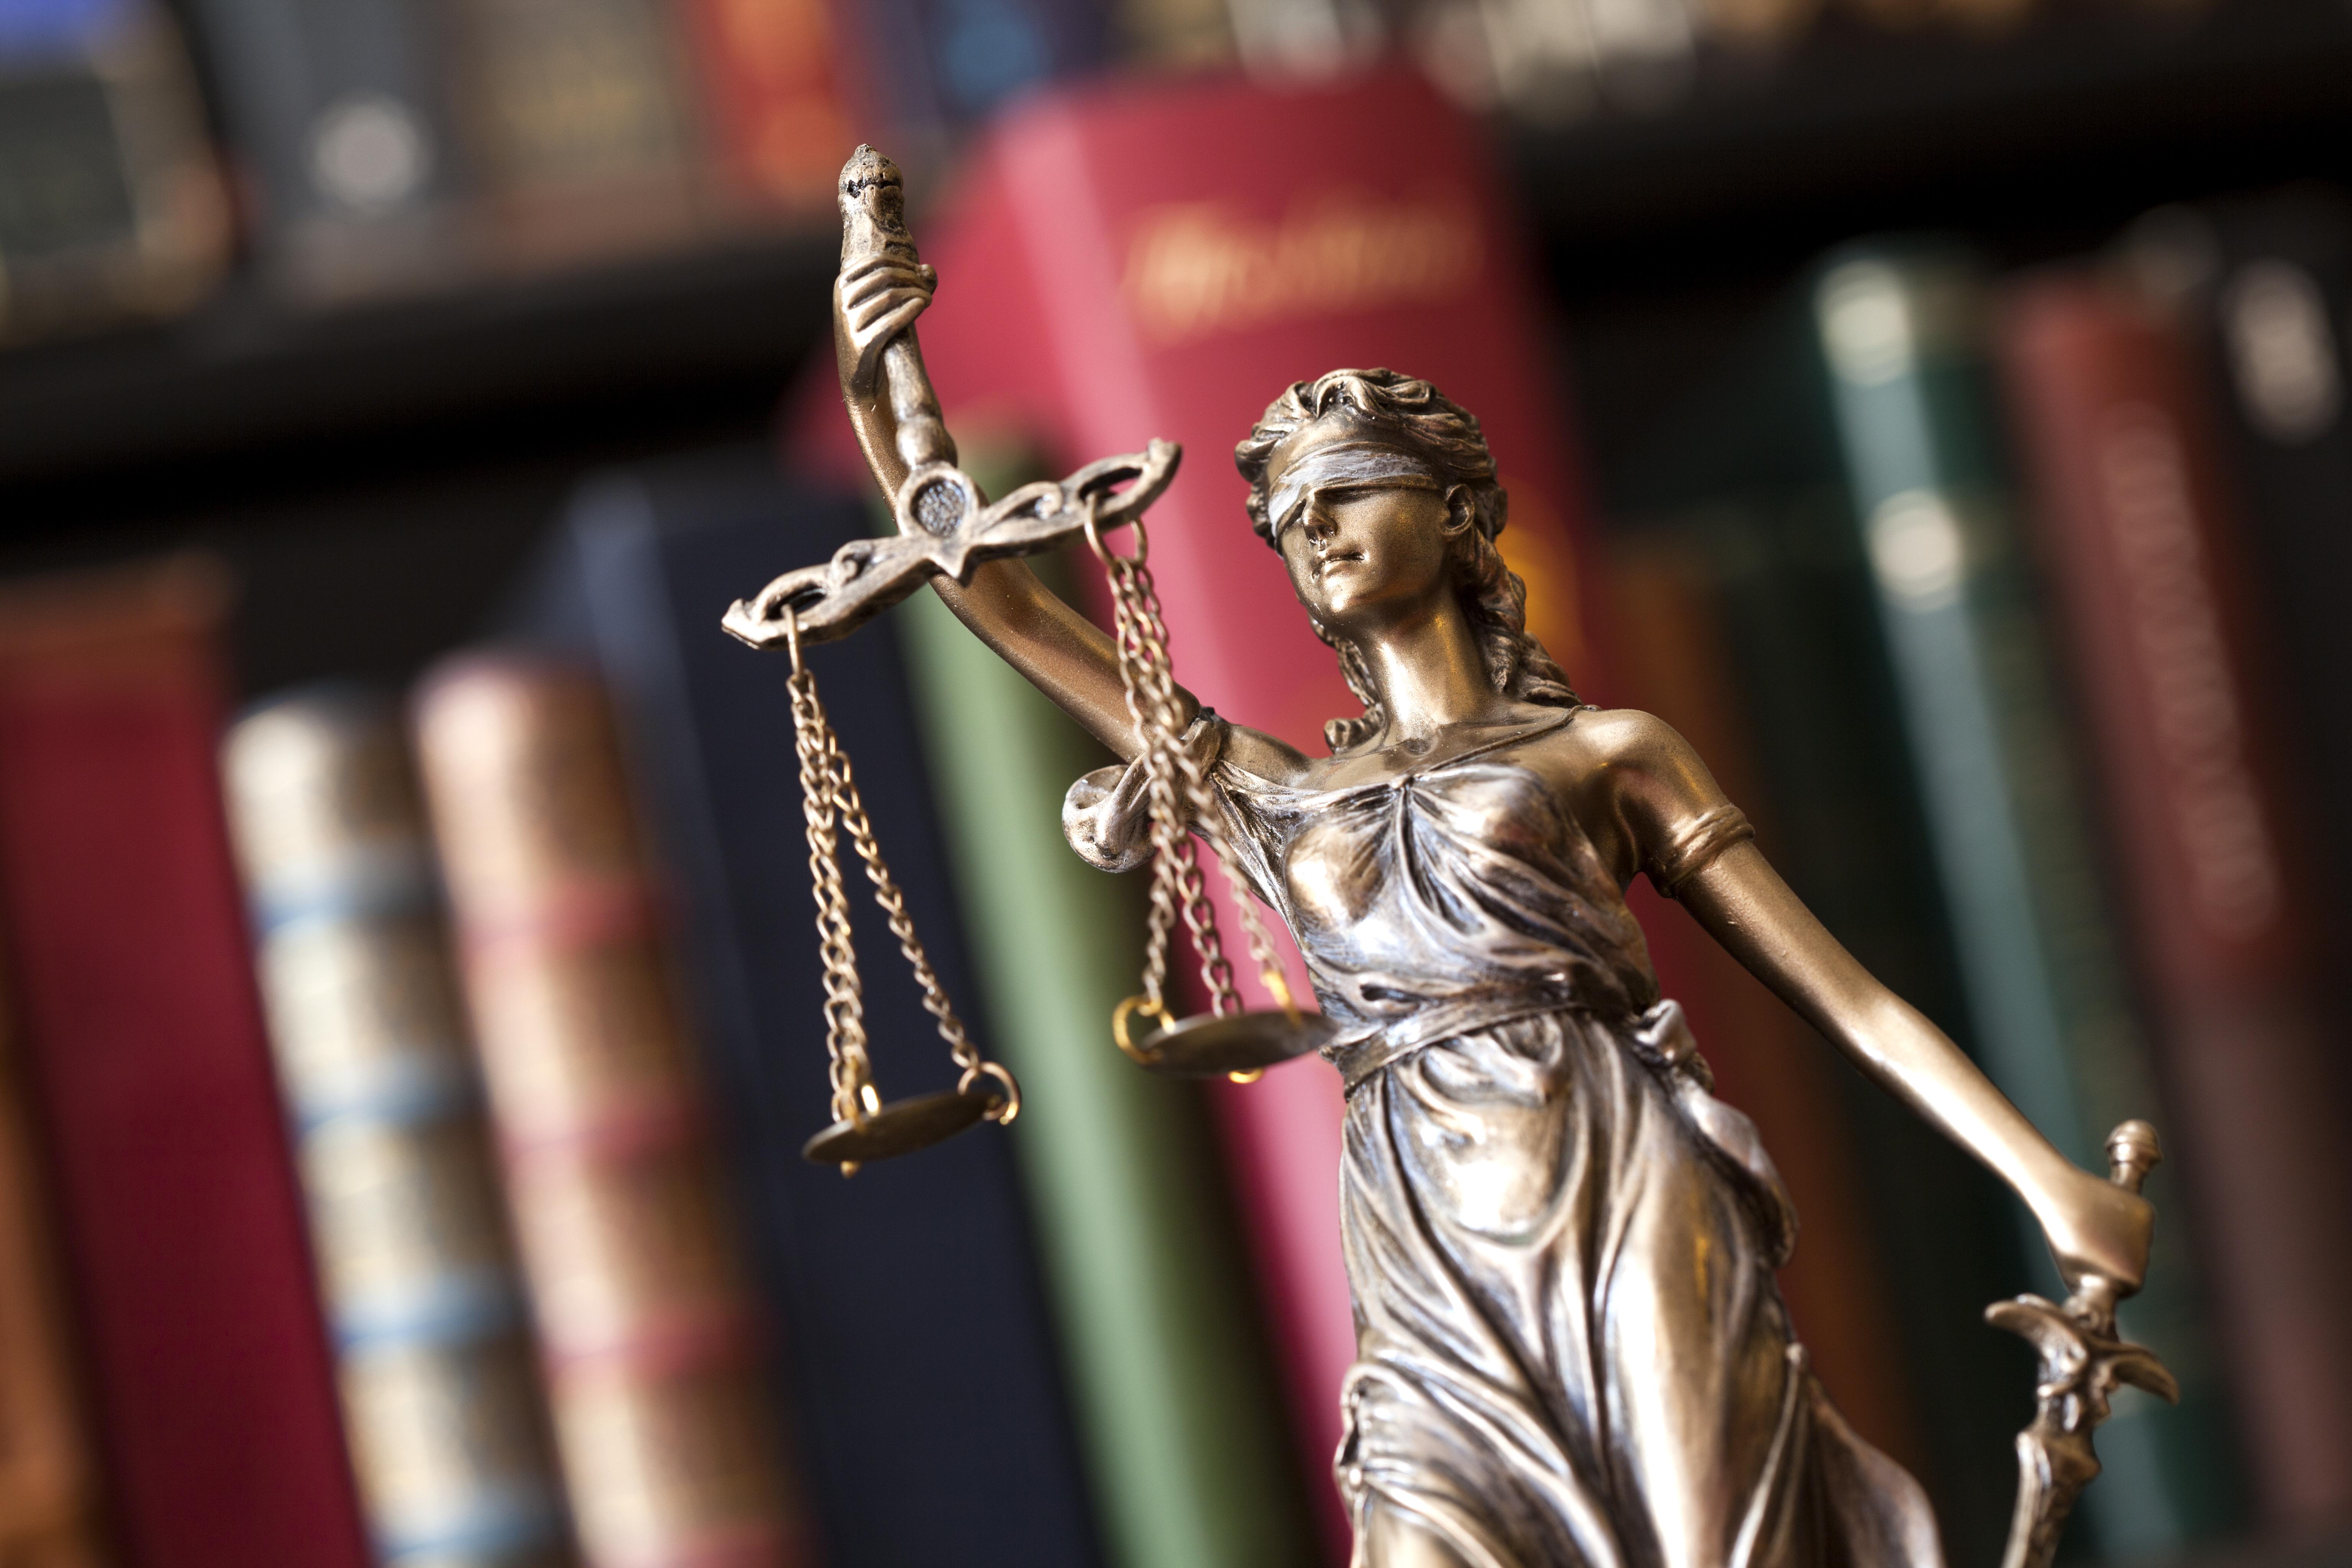 PSD: Cine contesta integritatea Secţiei de investigare a magistraţilor contesta integritatea intregului sistem de Justiţie